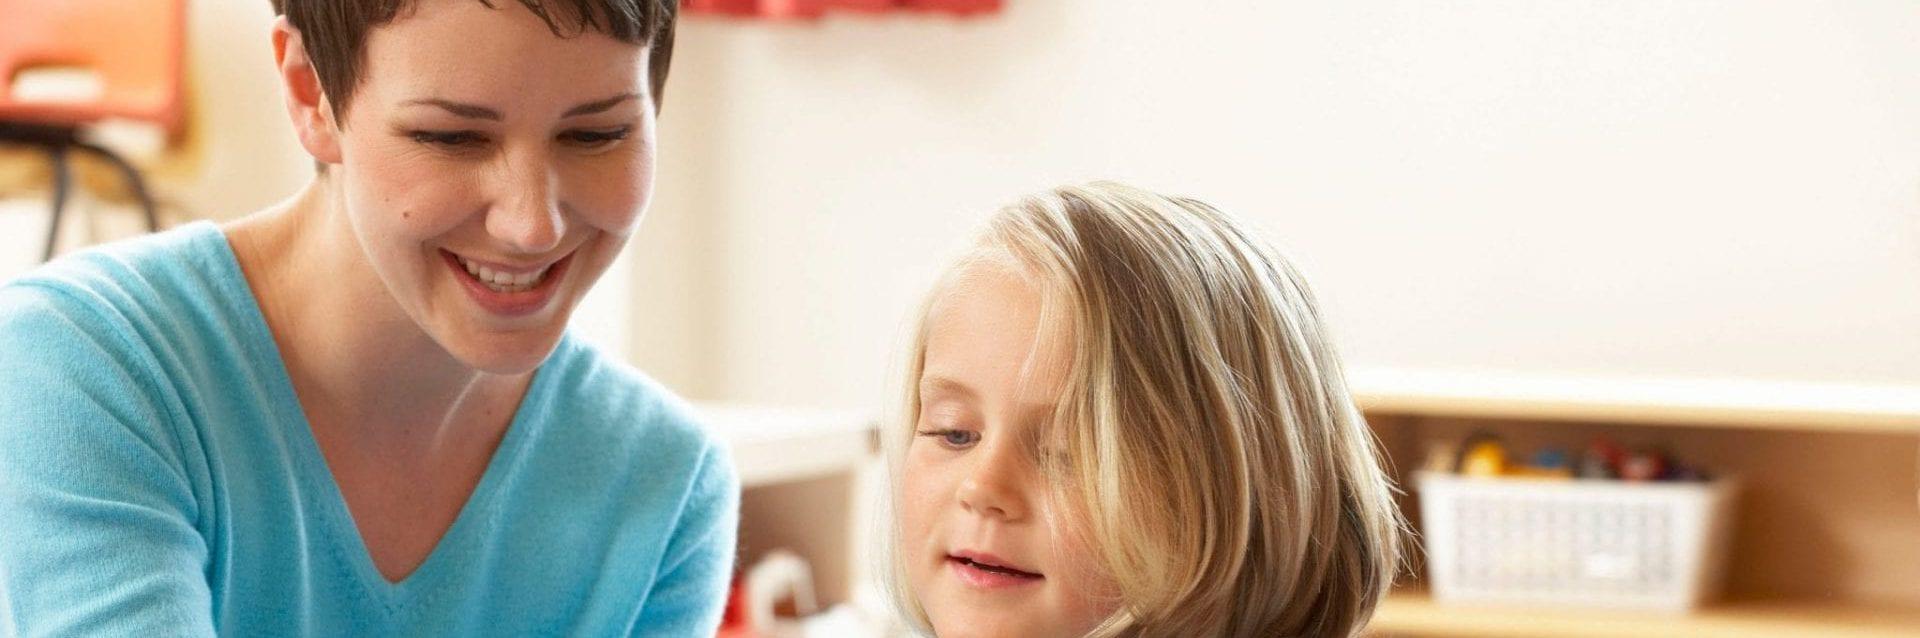 Gastouder in gesprek met kind